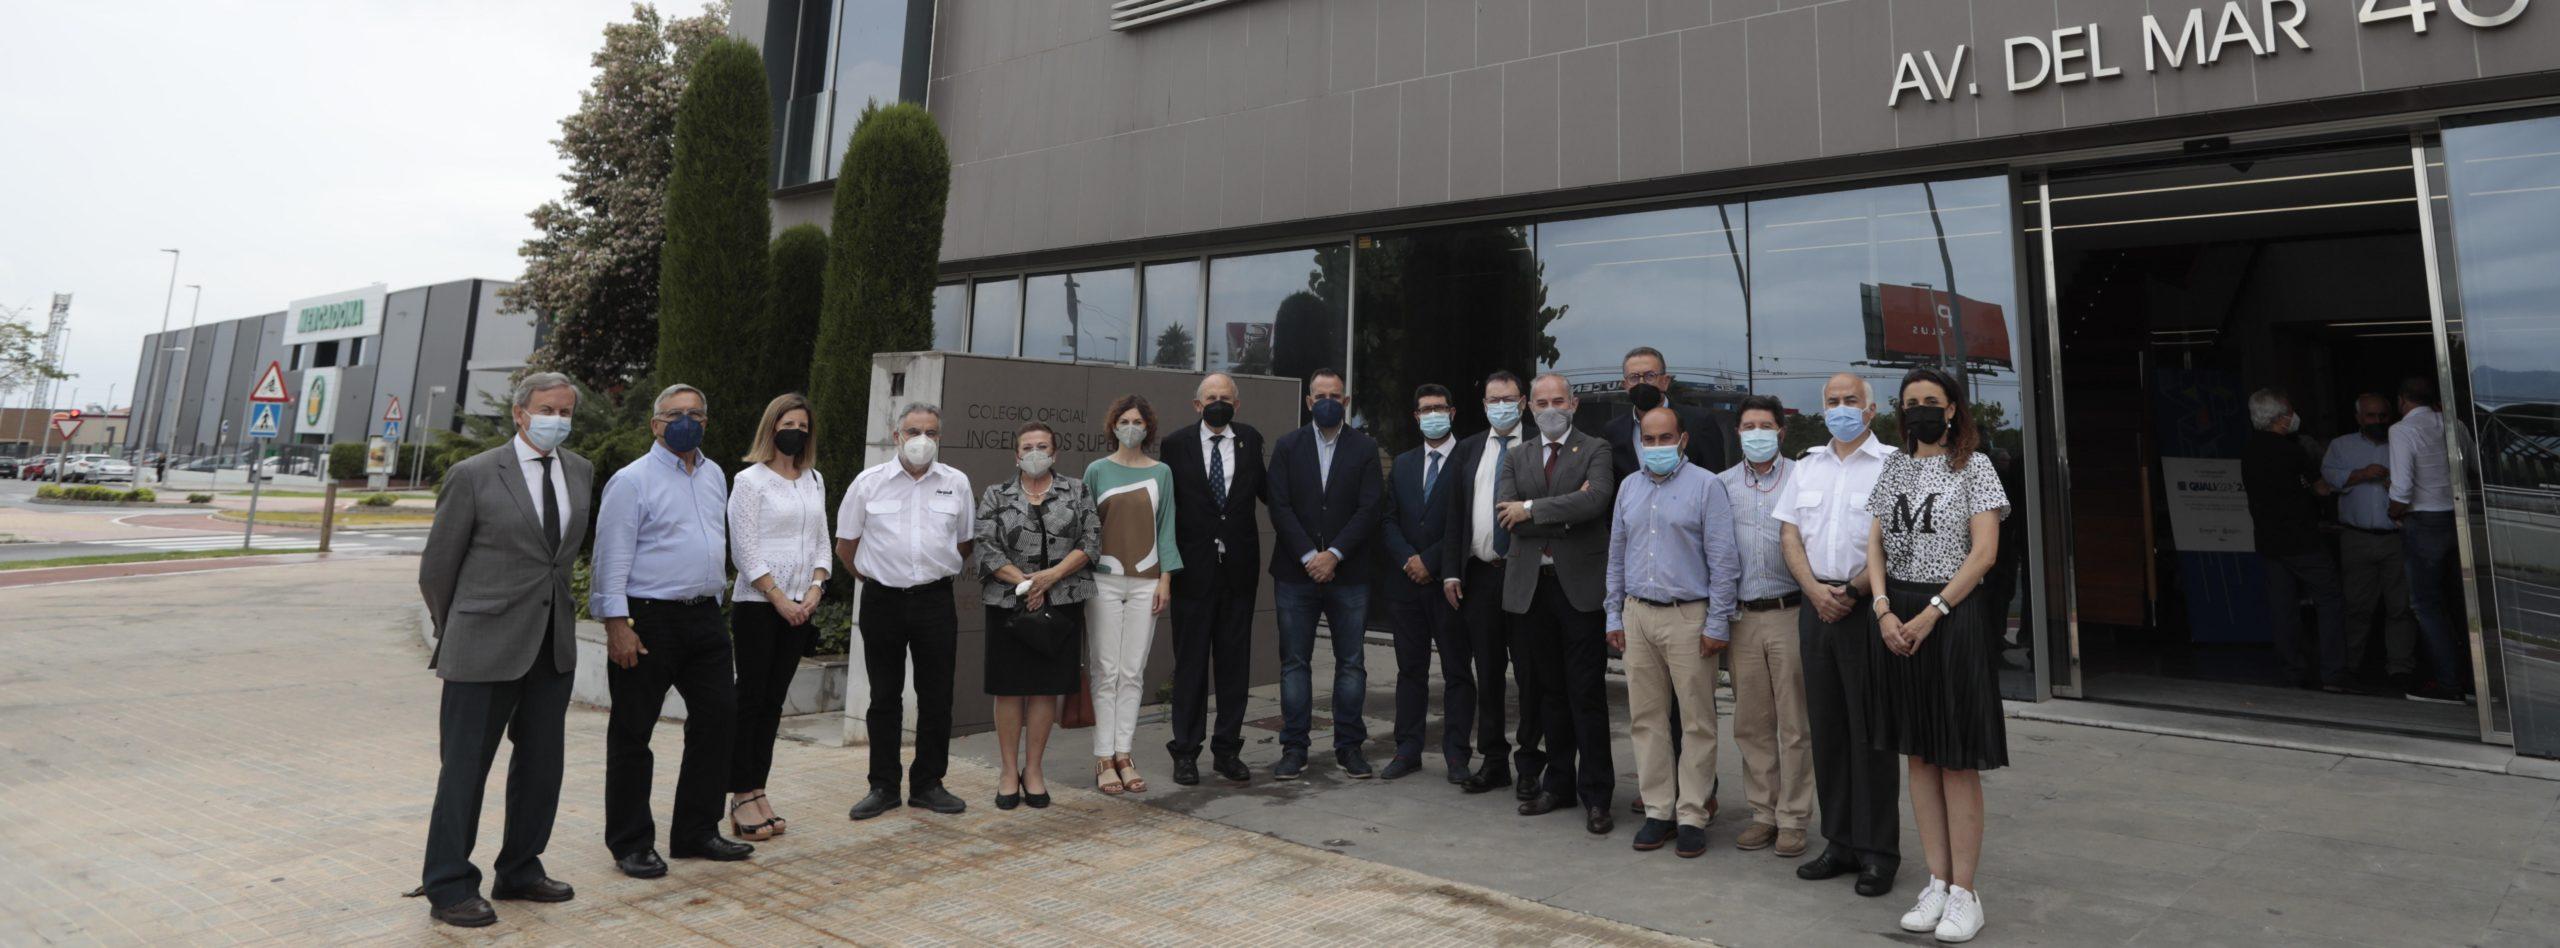 La sede del Colegio de Ingenieros Industriales de Castellón presenta el Comité Técnico Internacional de Qualicer